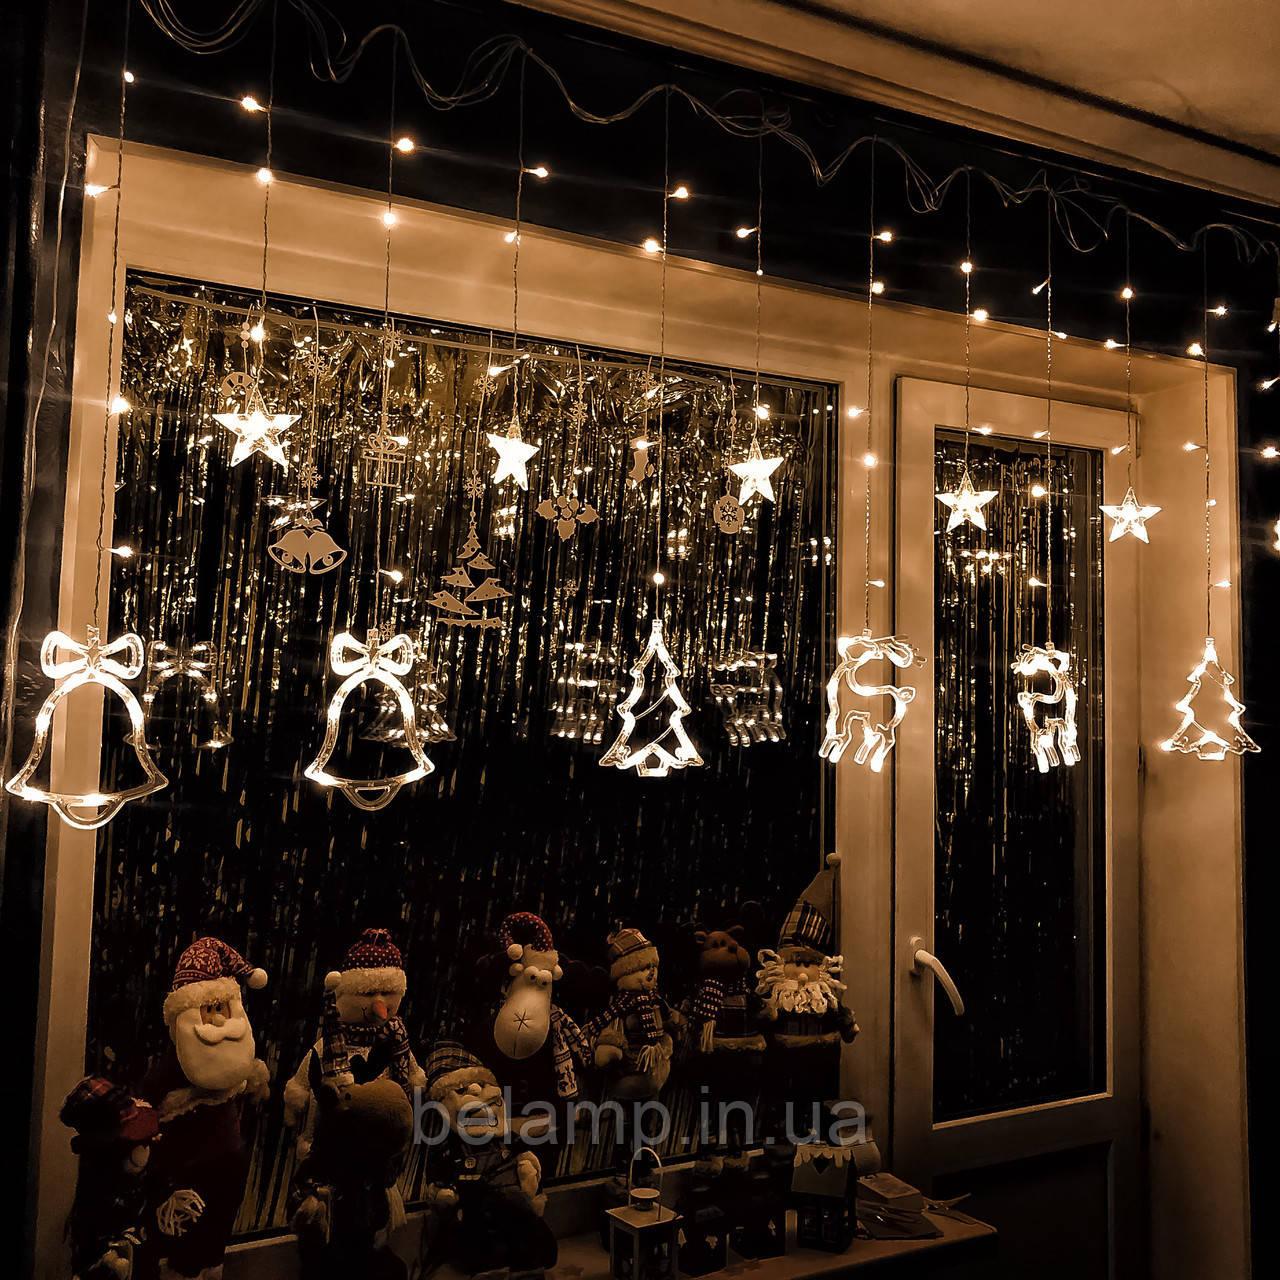 Новогодняя гирлянда шторана окно «Сказка»